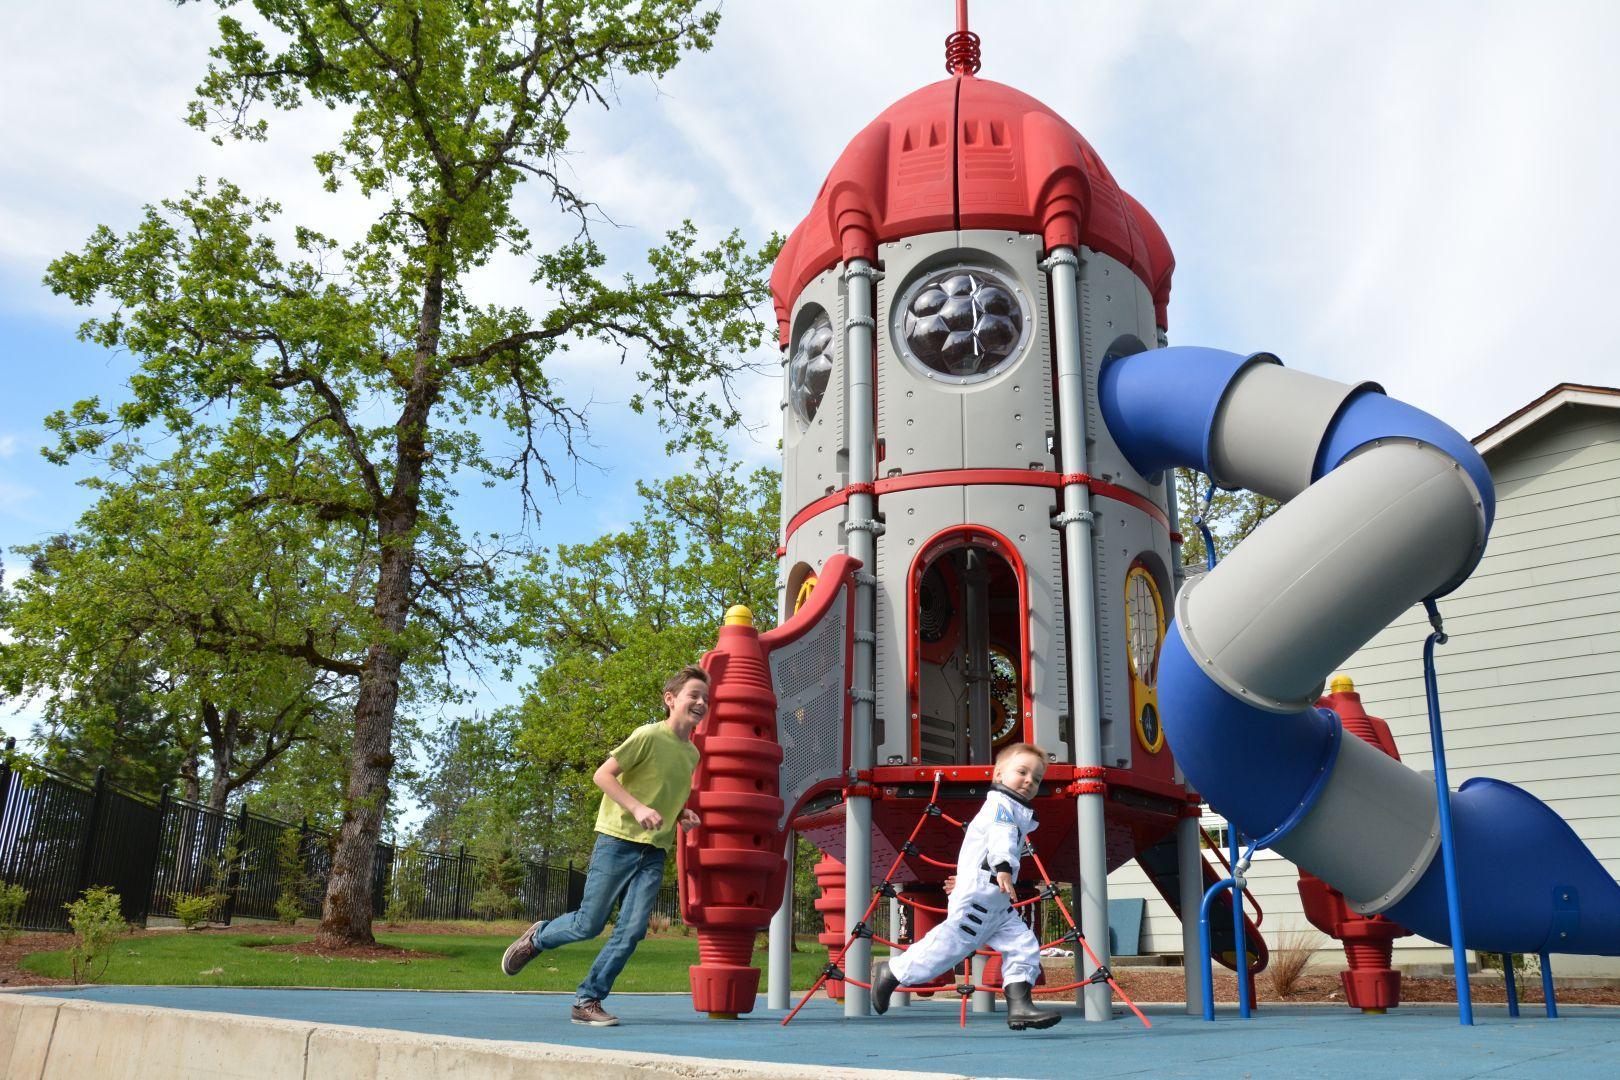 מתקני משחקים | פרויקט פארק רמת כרמים אשקלון | מתקן מגלשות וטיפוס מונגש | מתקני שעשוע